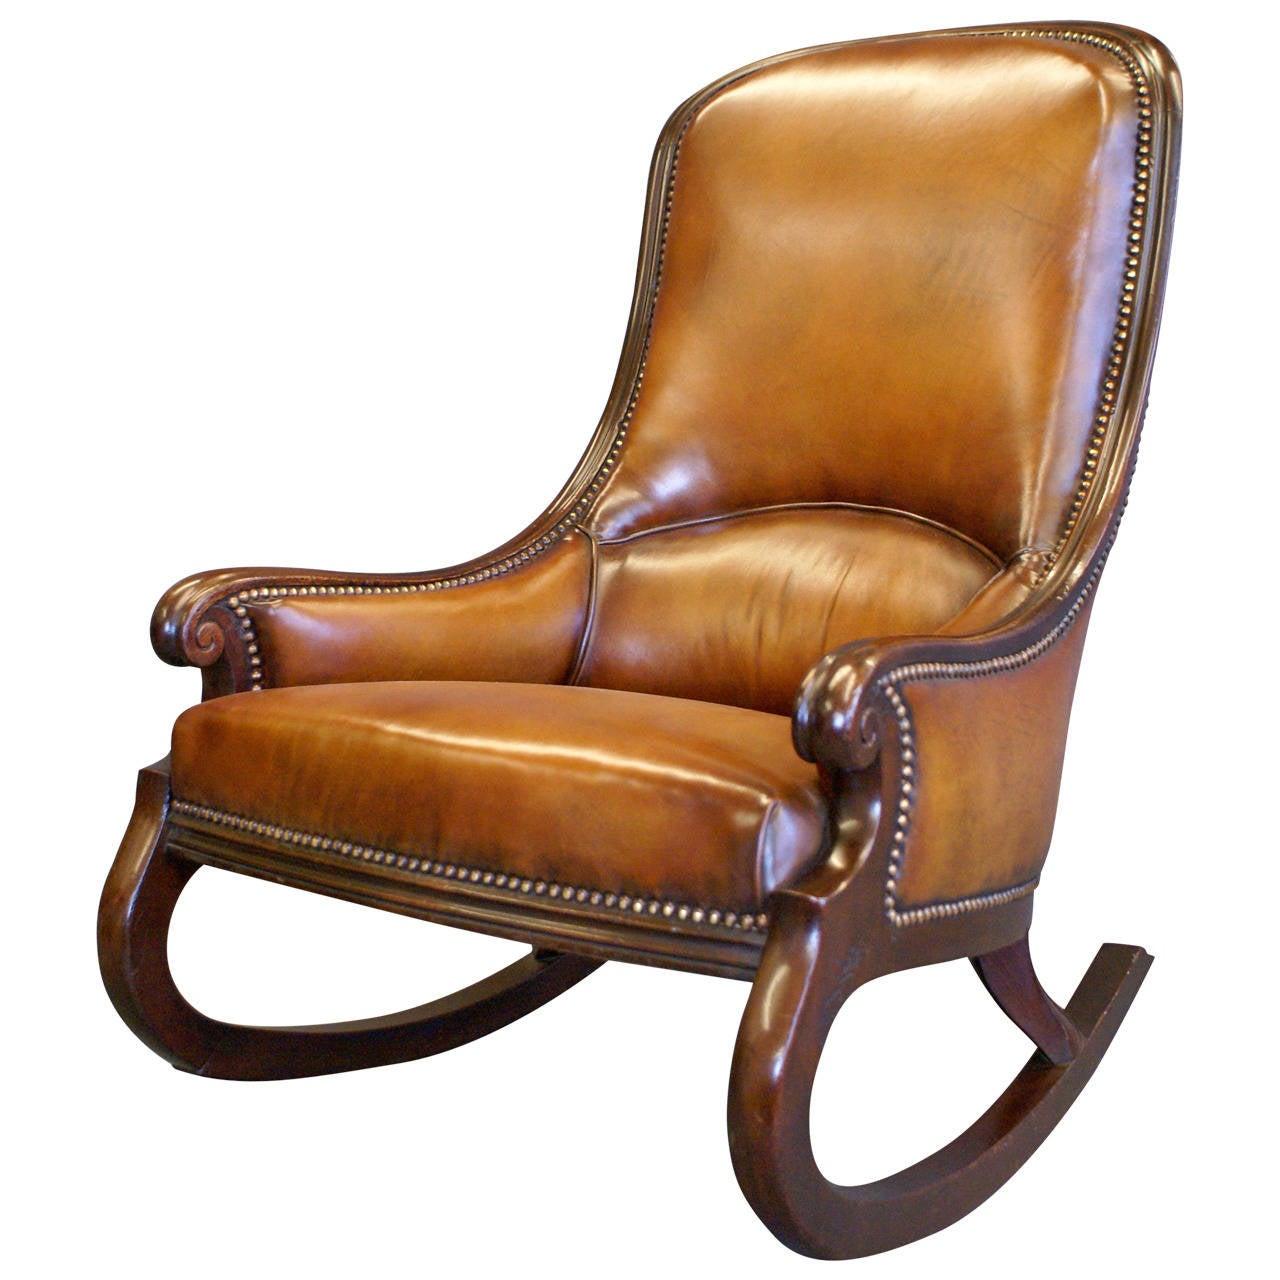 Very rare victorian mahogany rocking chair at 1stdibs